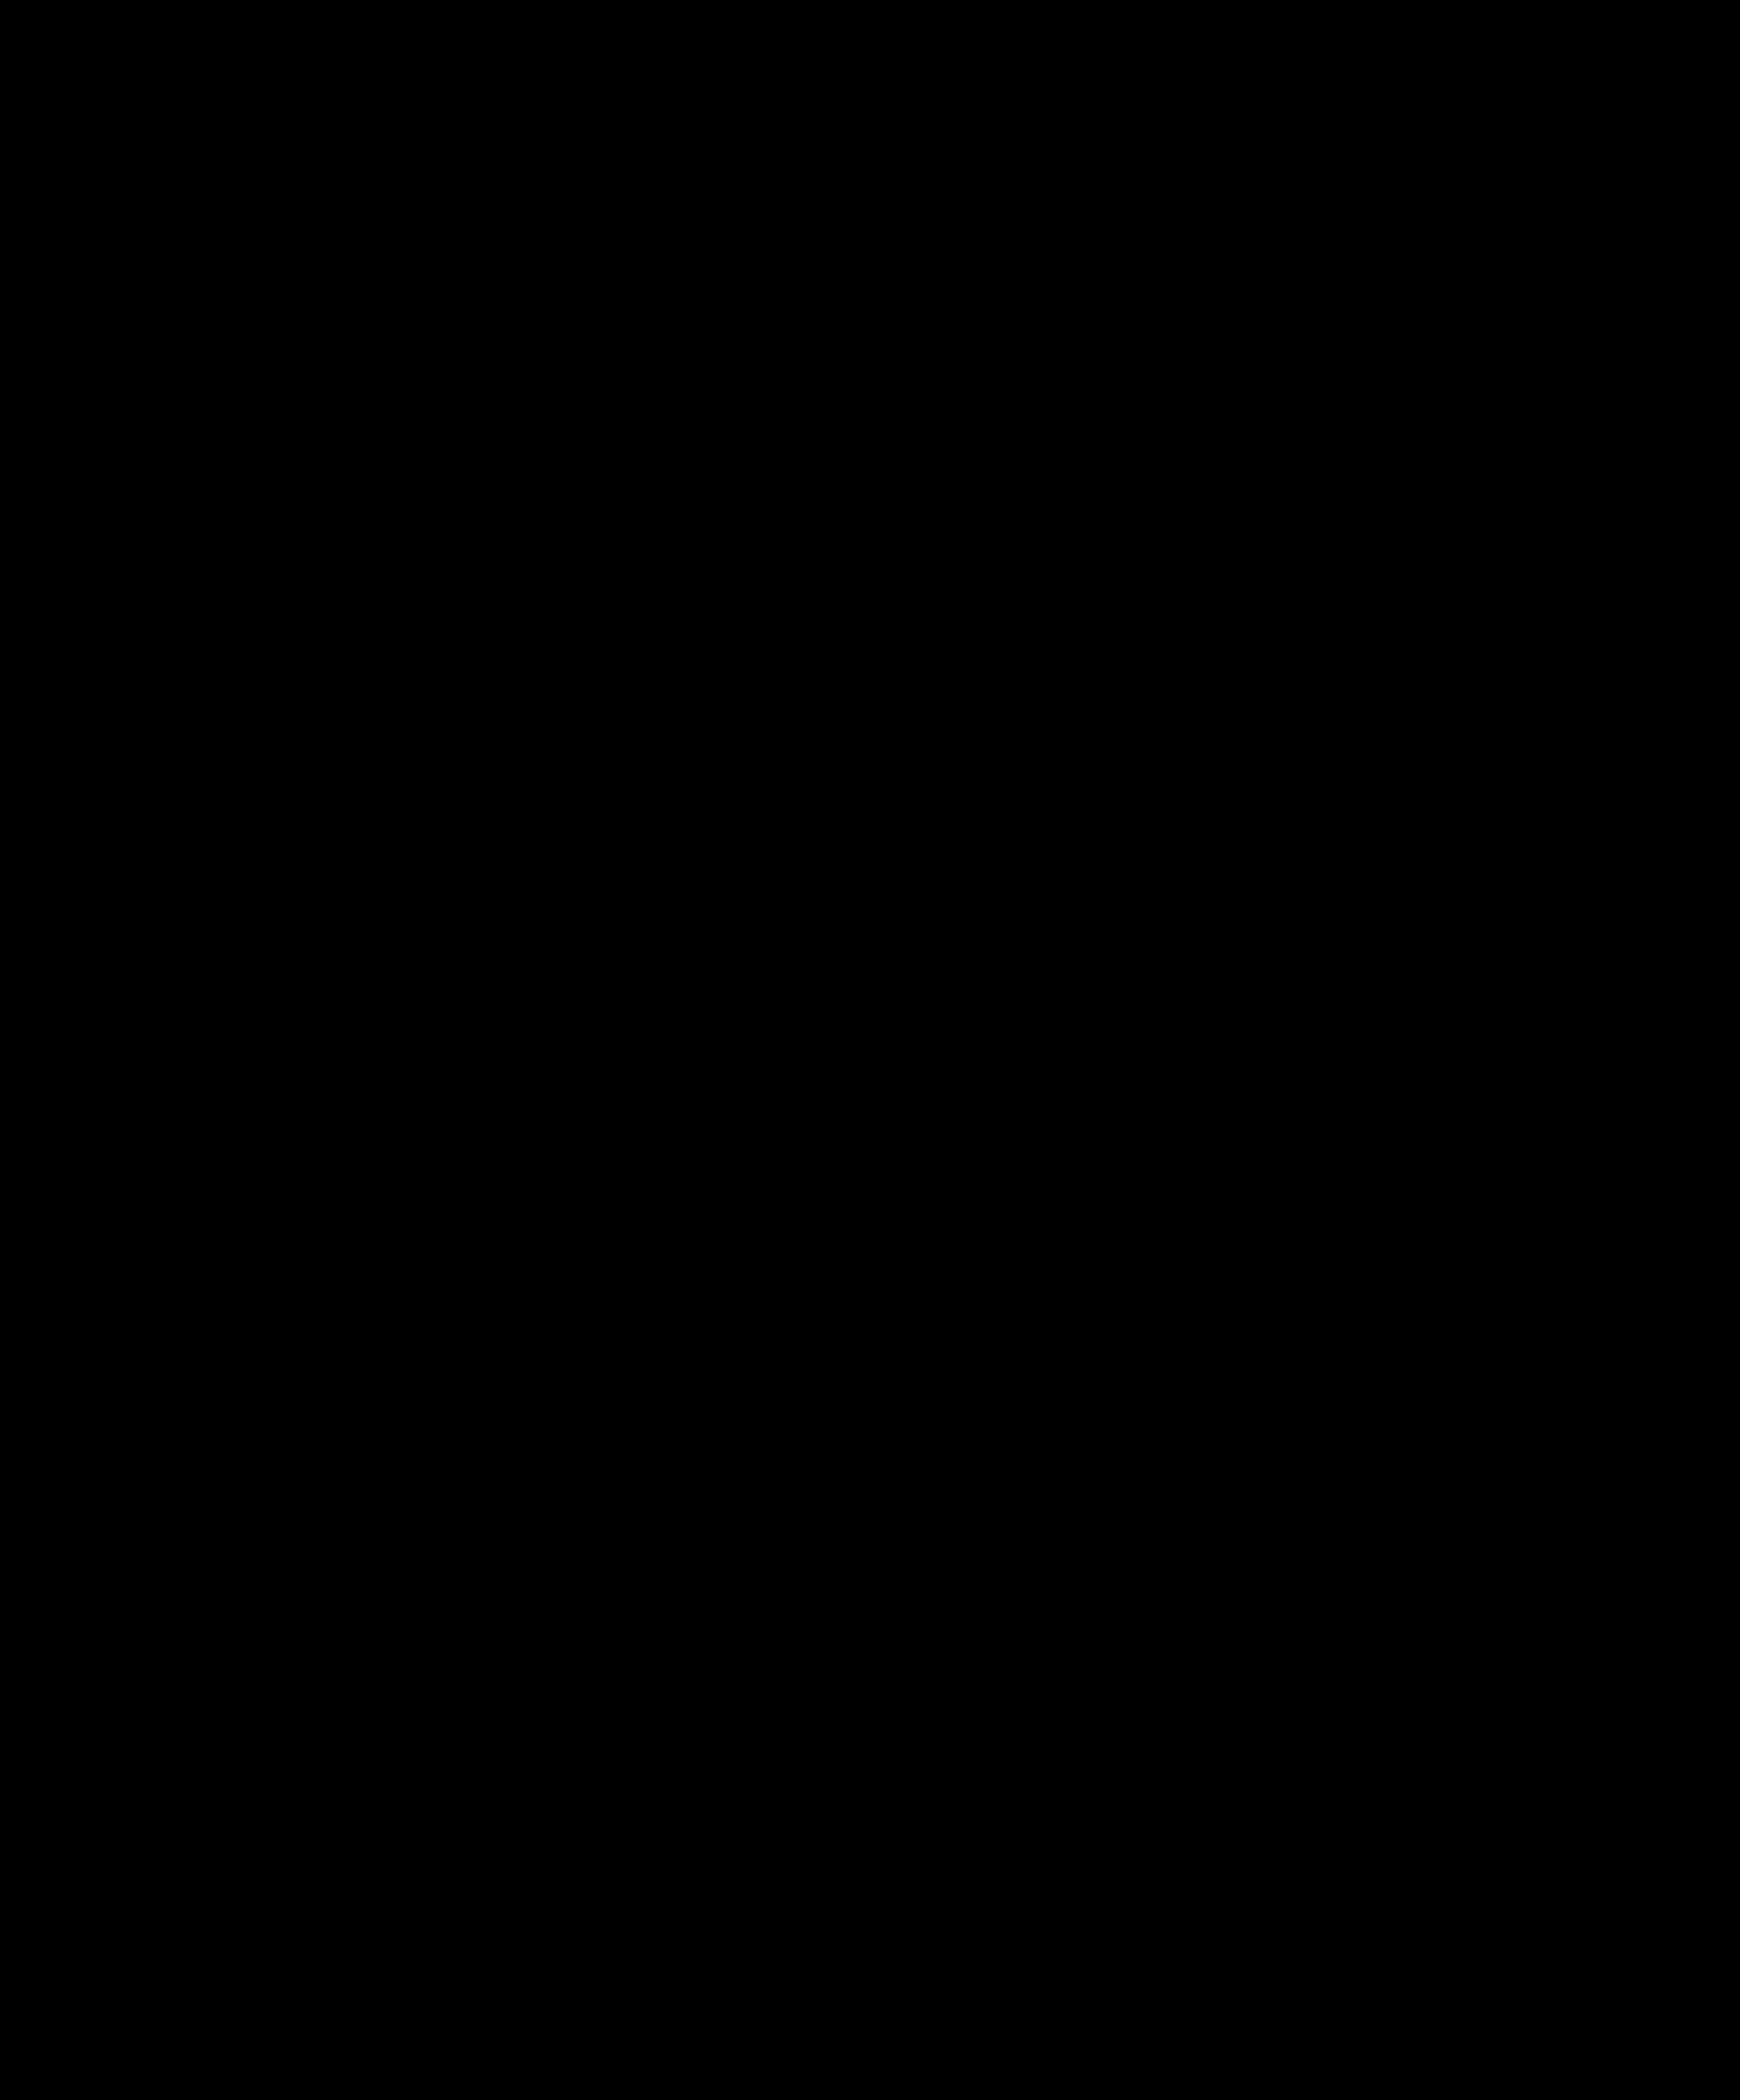 Koni-black-billboard